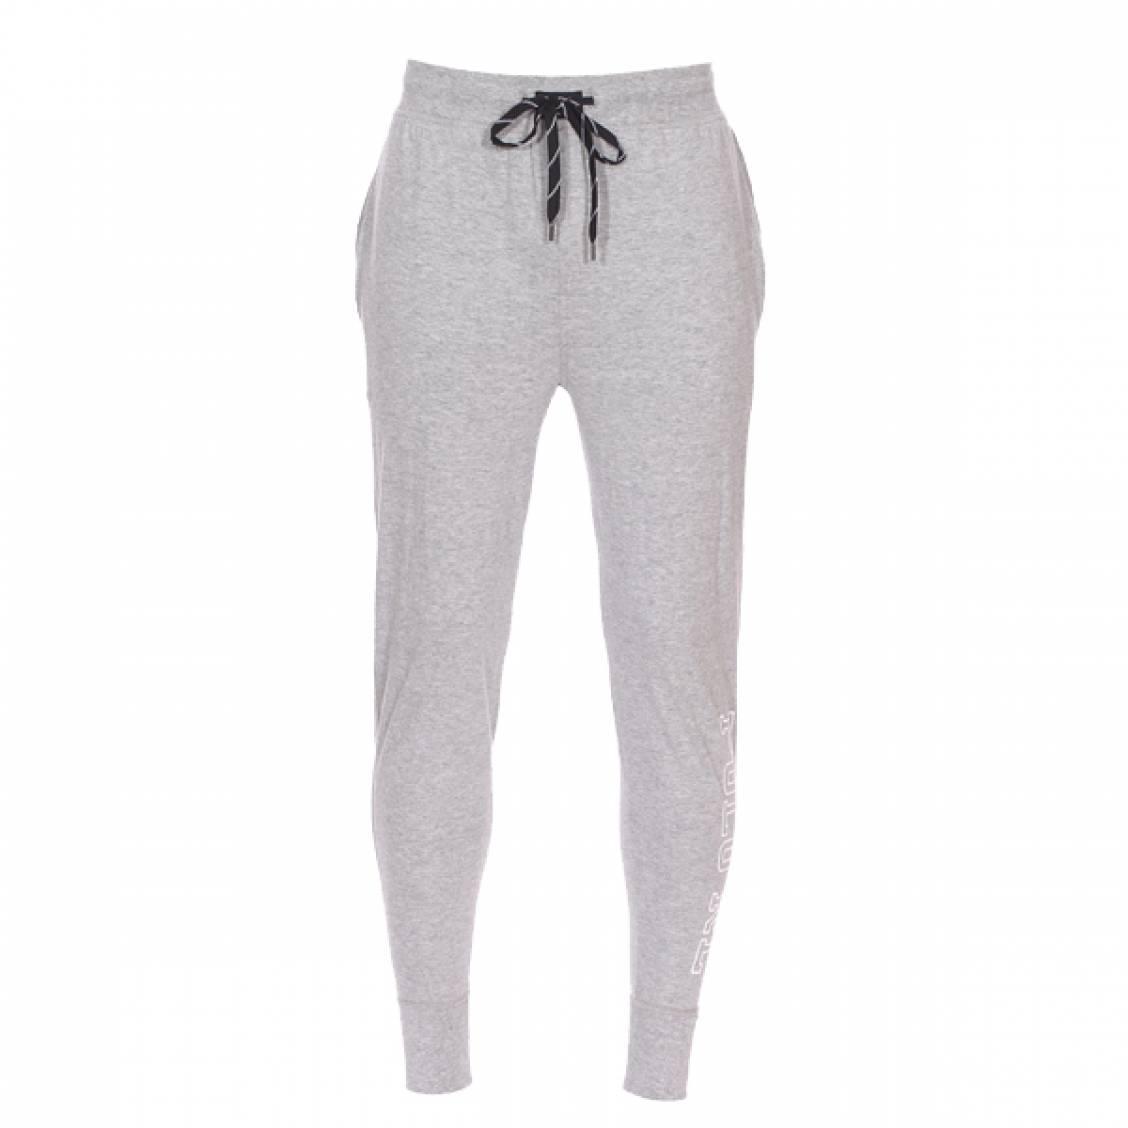 Pantalon de jogging léger  en coton gris chiné floqué